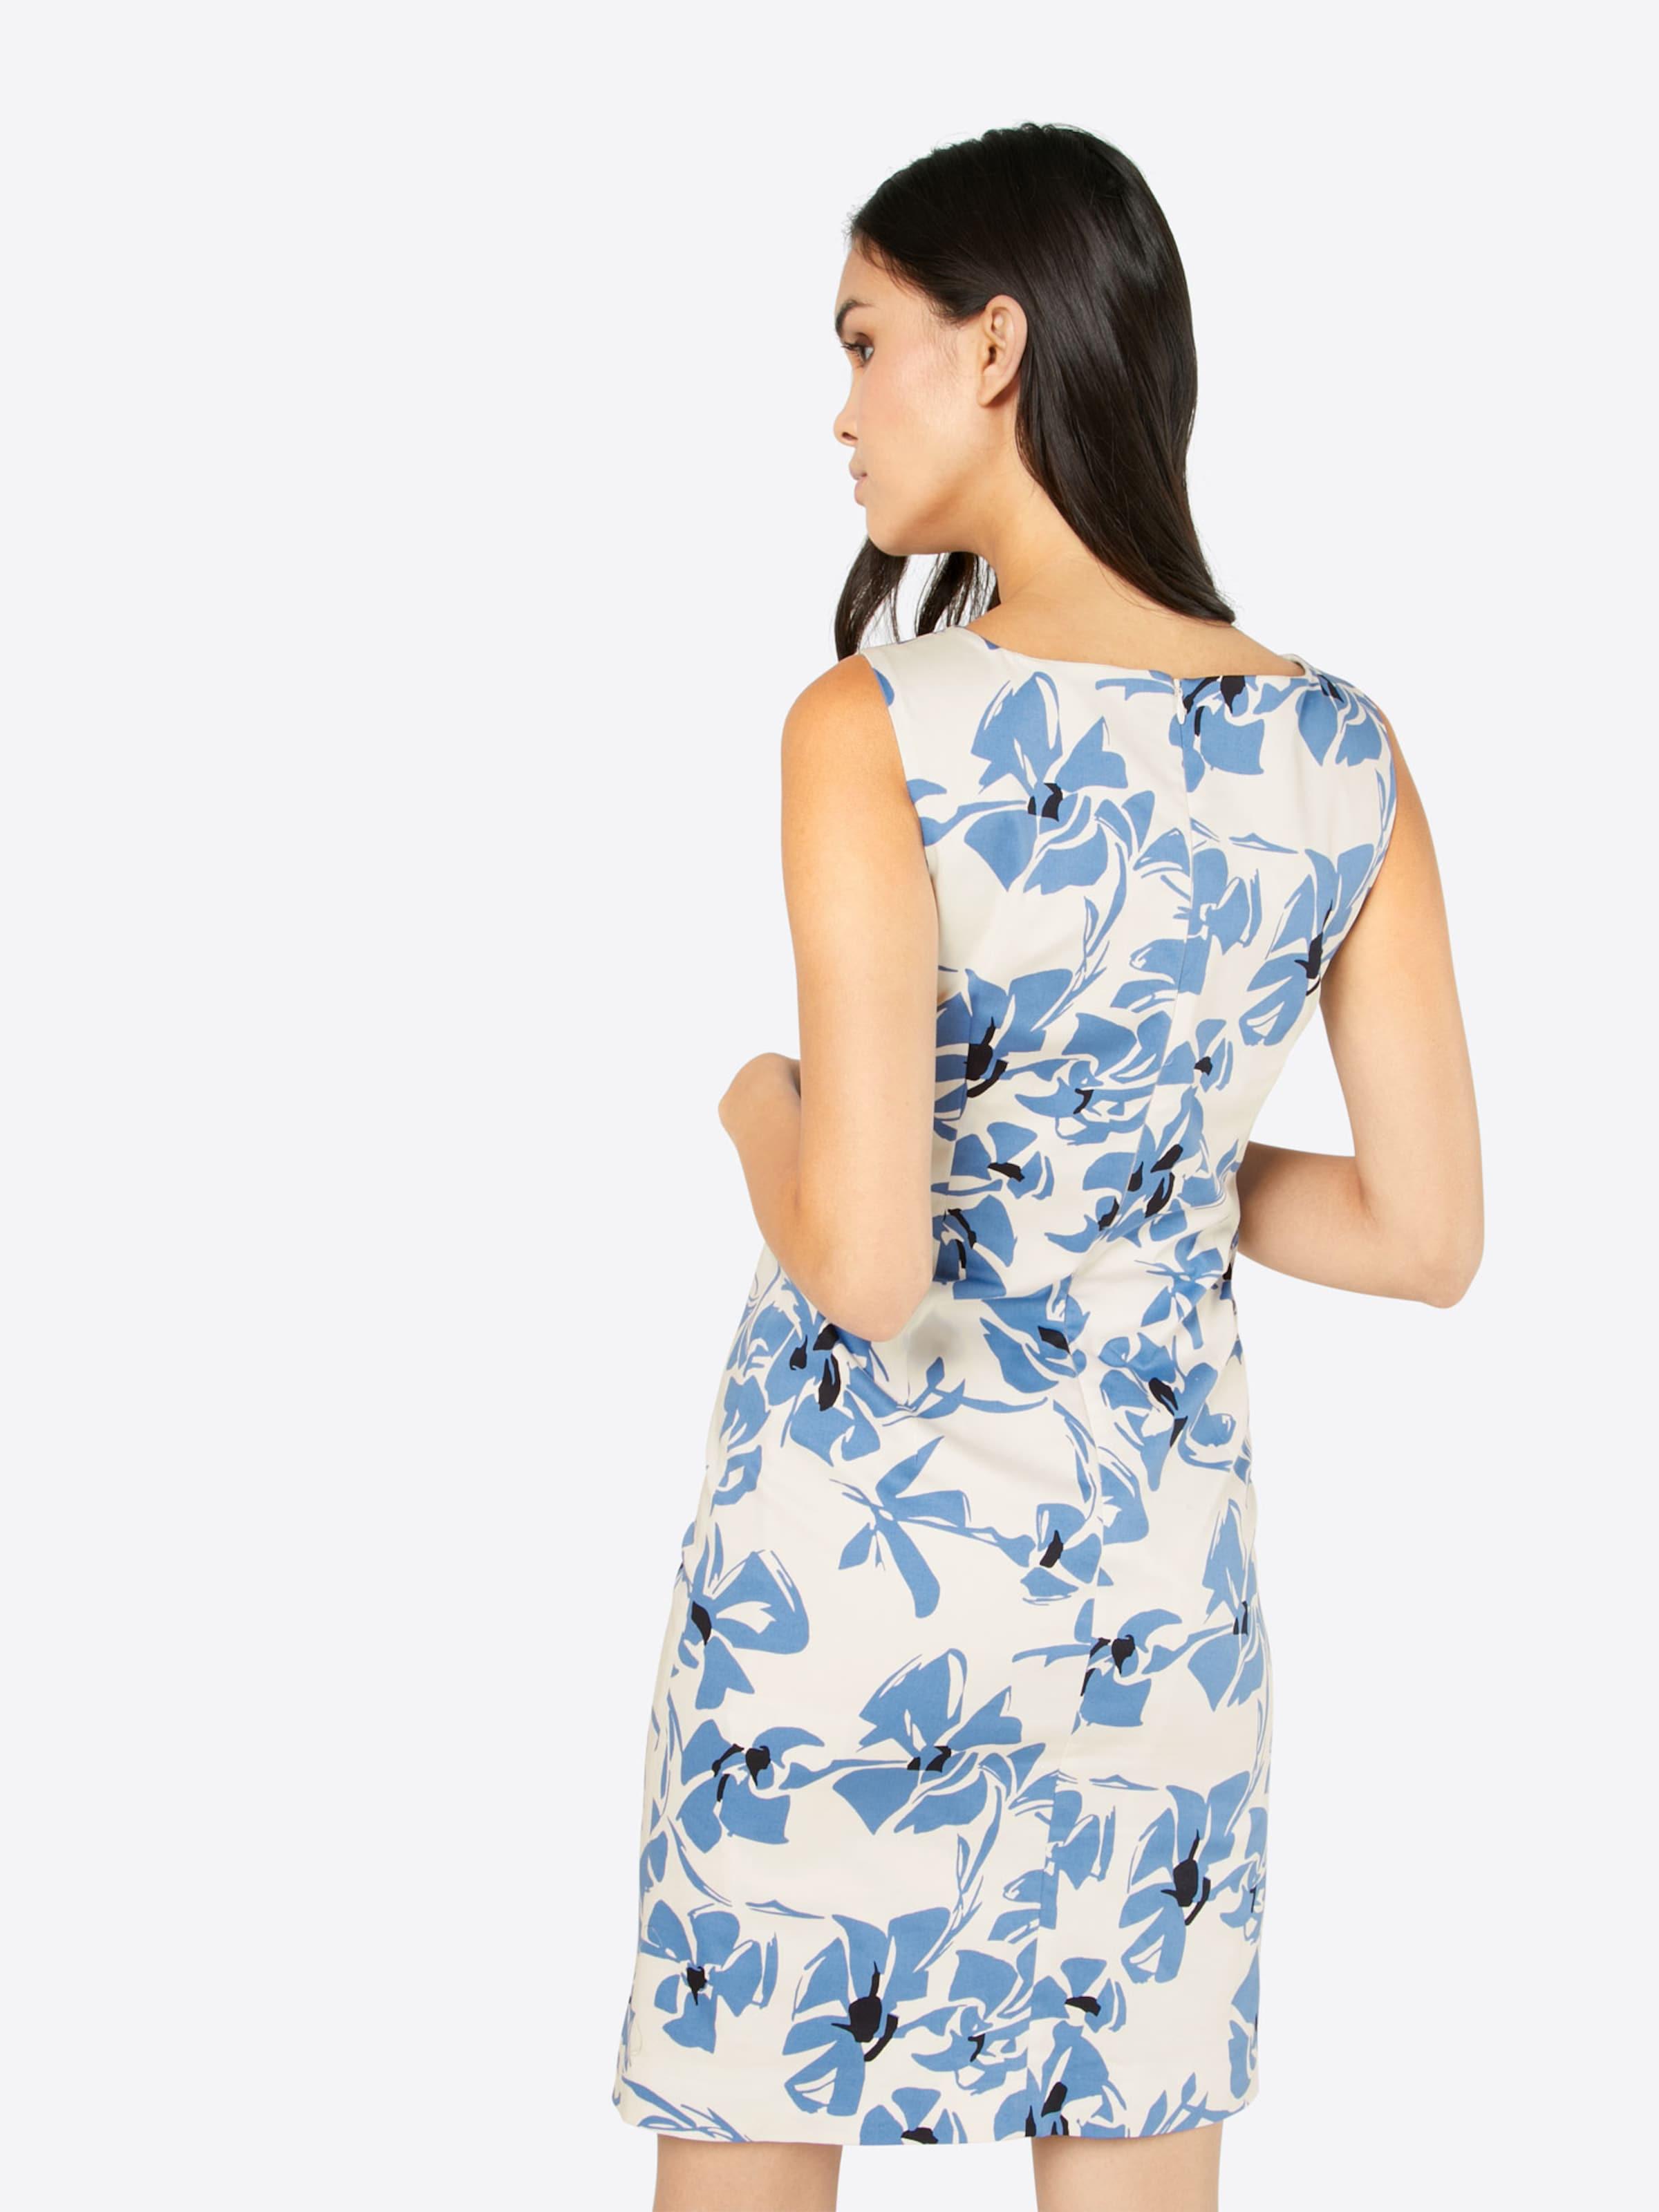 Kosten Günstiger Preis MORE & MORE Kleid mit Flower-Print Großhandelspreis Günstig Online Auslass Niedriger Preis Spielraum 2018 Neu Gutes Verkauf Günstiger Preis rLVyZ